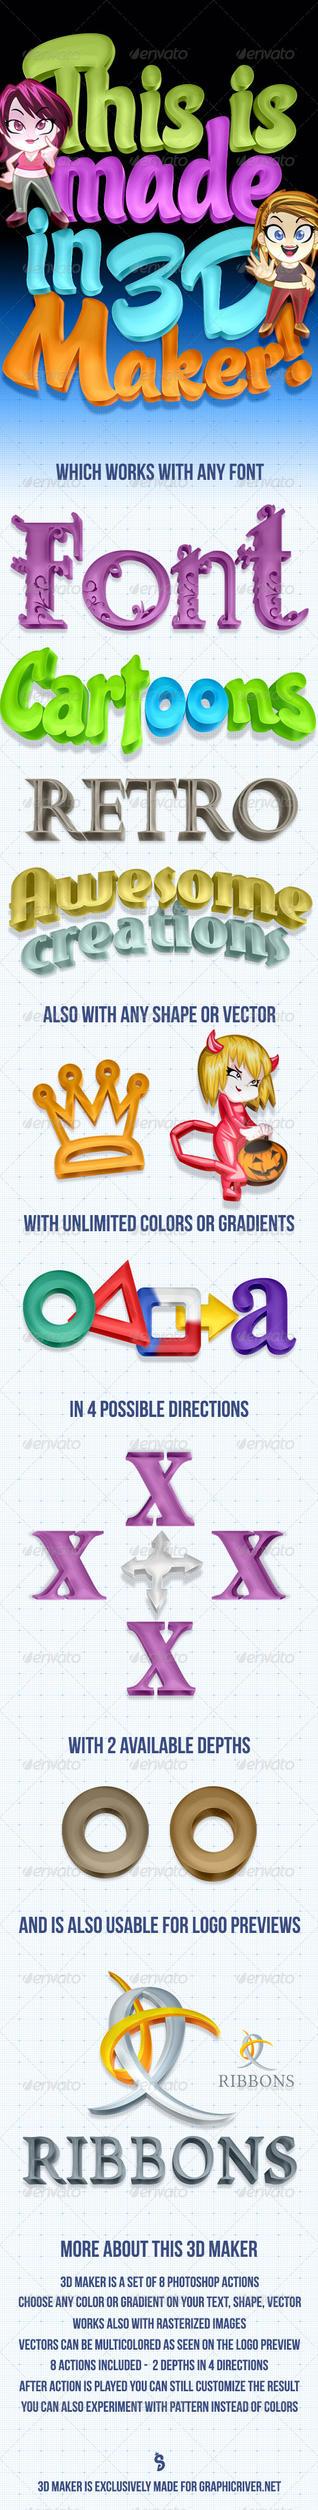 Colorful 3D Maker - Photoshop Actions by survivorcz